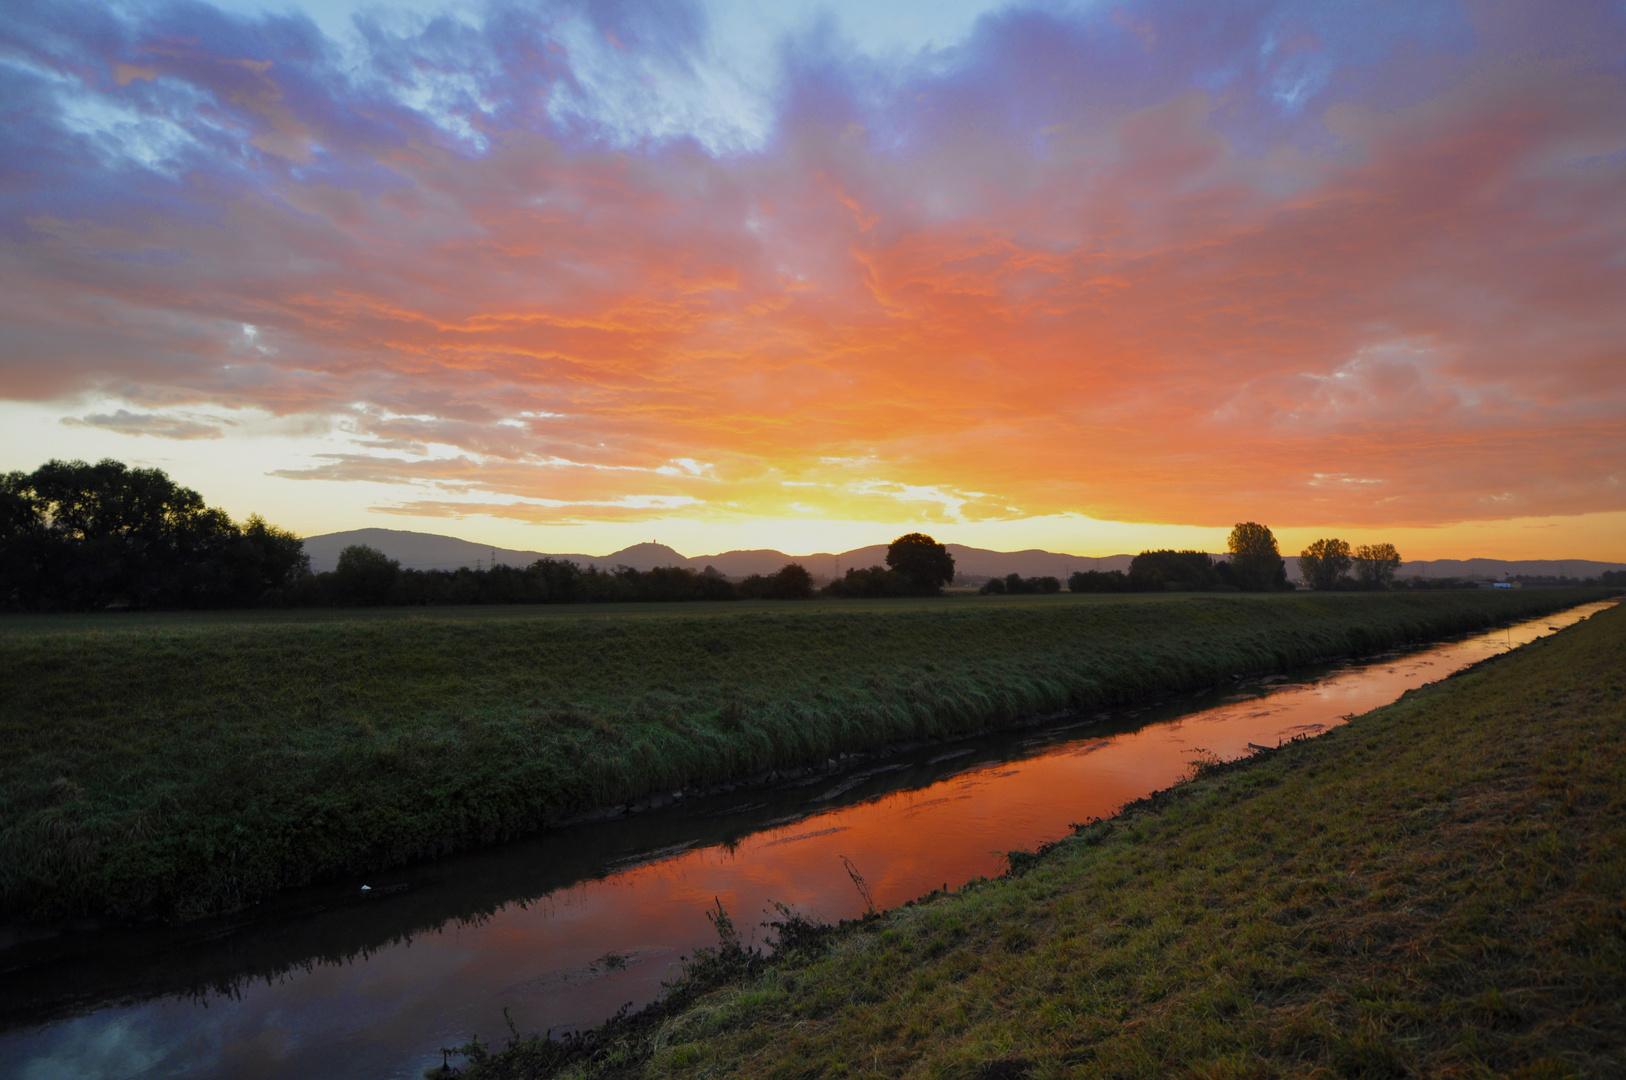 Sonnenaufgang an der Weschnitz (Lorsch / Heppenheim)